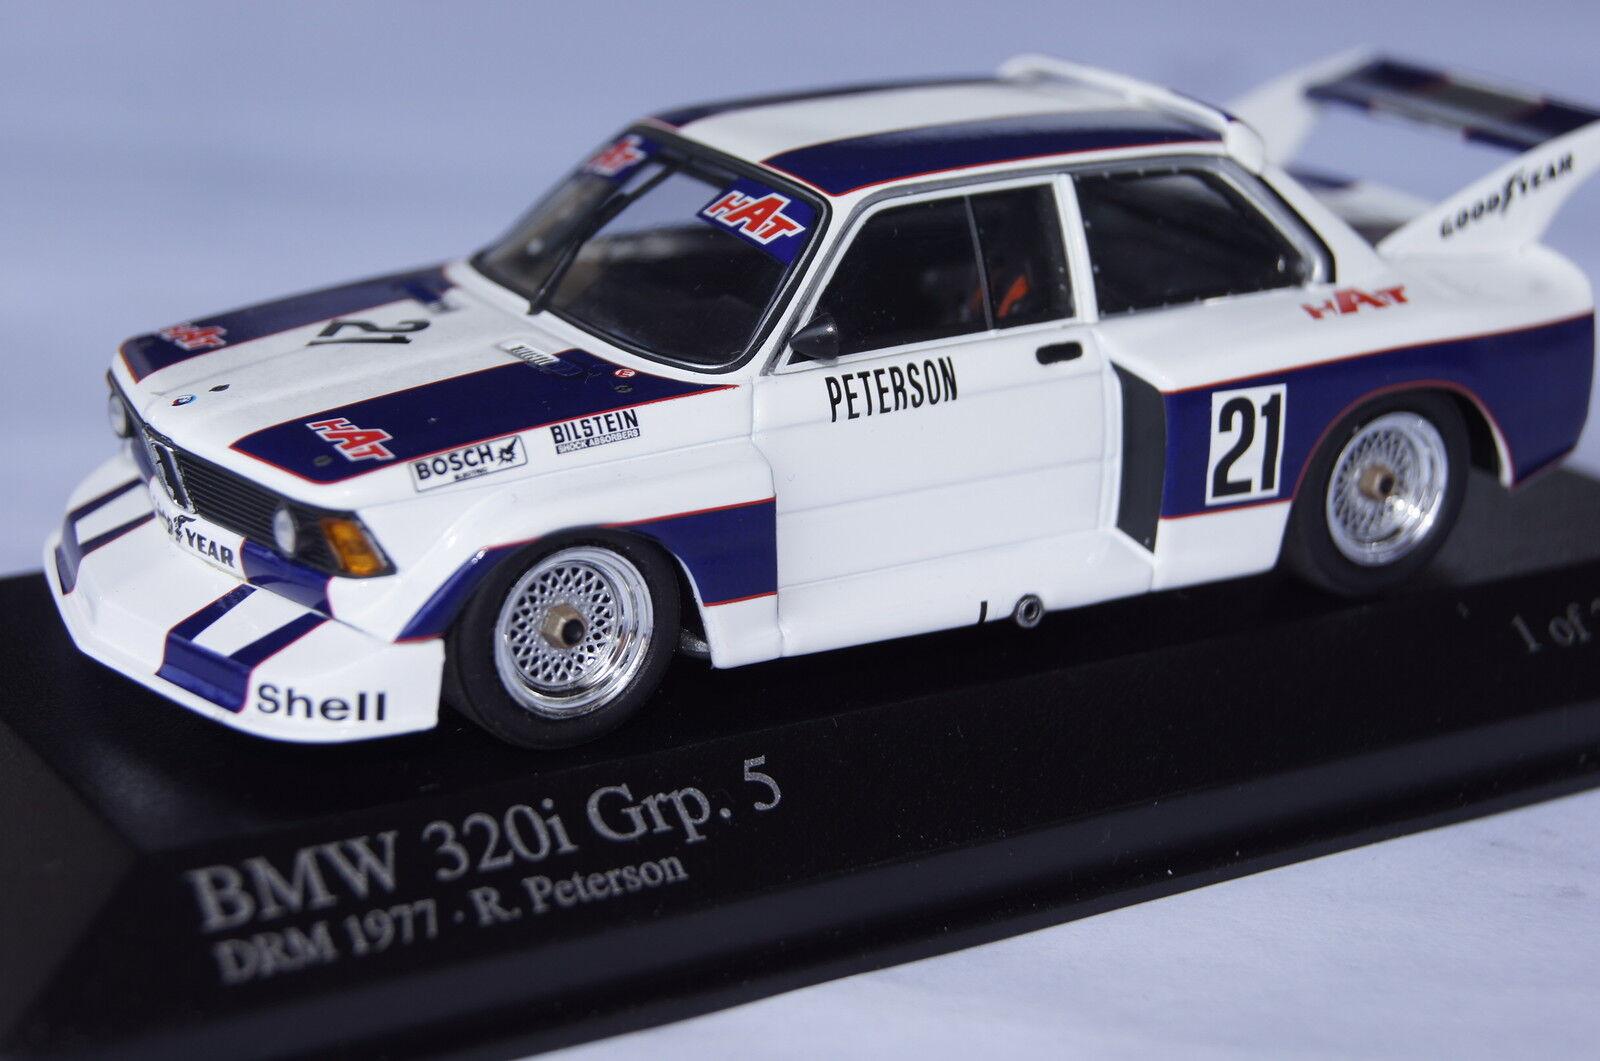 BMW 320i Grp.5 DRM 1977 R.Petersen 1 43  Minichamps neu & OVP 400772321